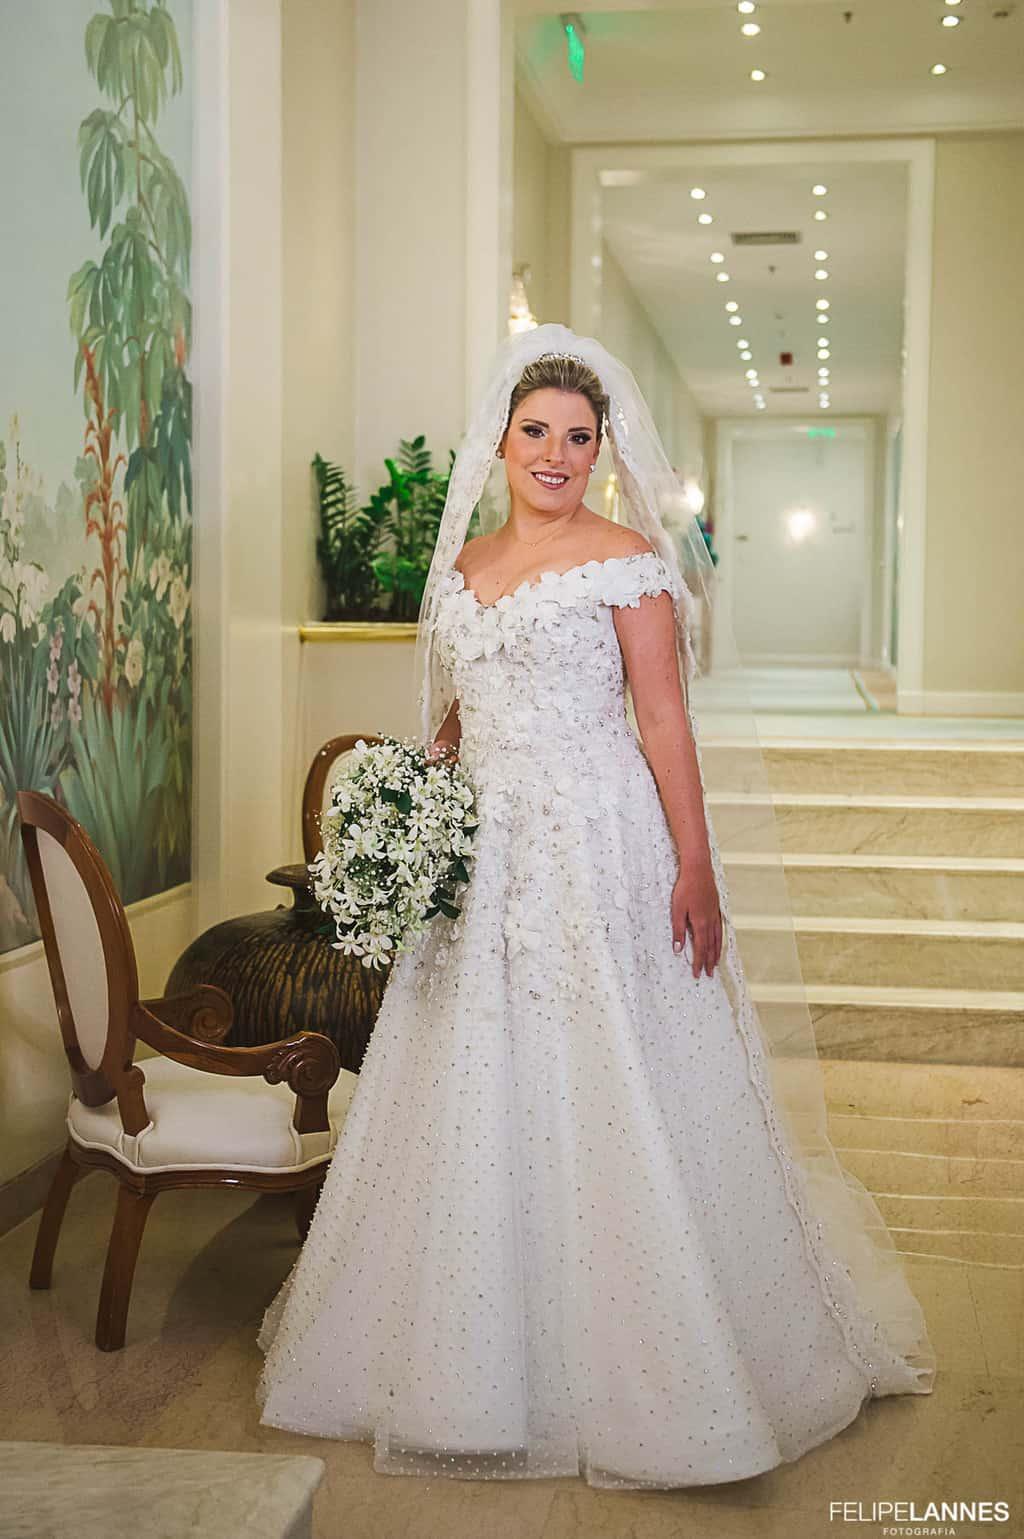 Casamento-Beatrice-e-Luiz-Augusto-casamento-classico-fotografia-Felipe-Lannes-making-of-noiva2